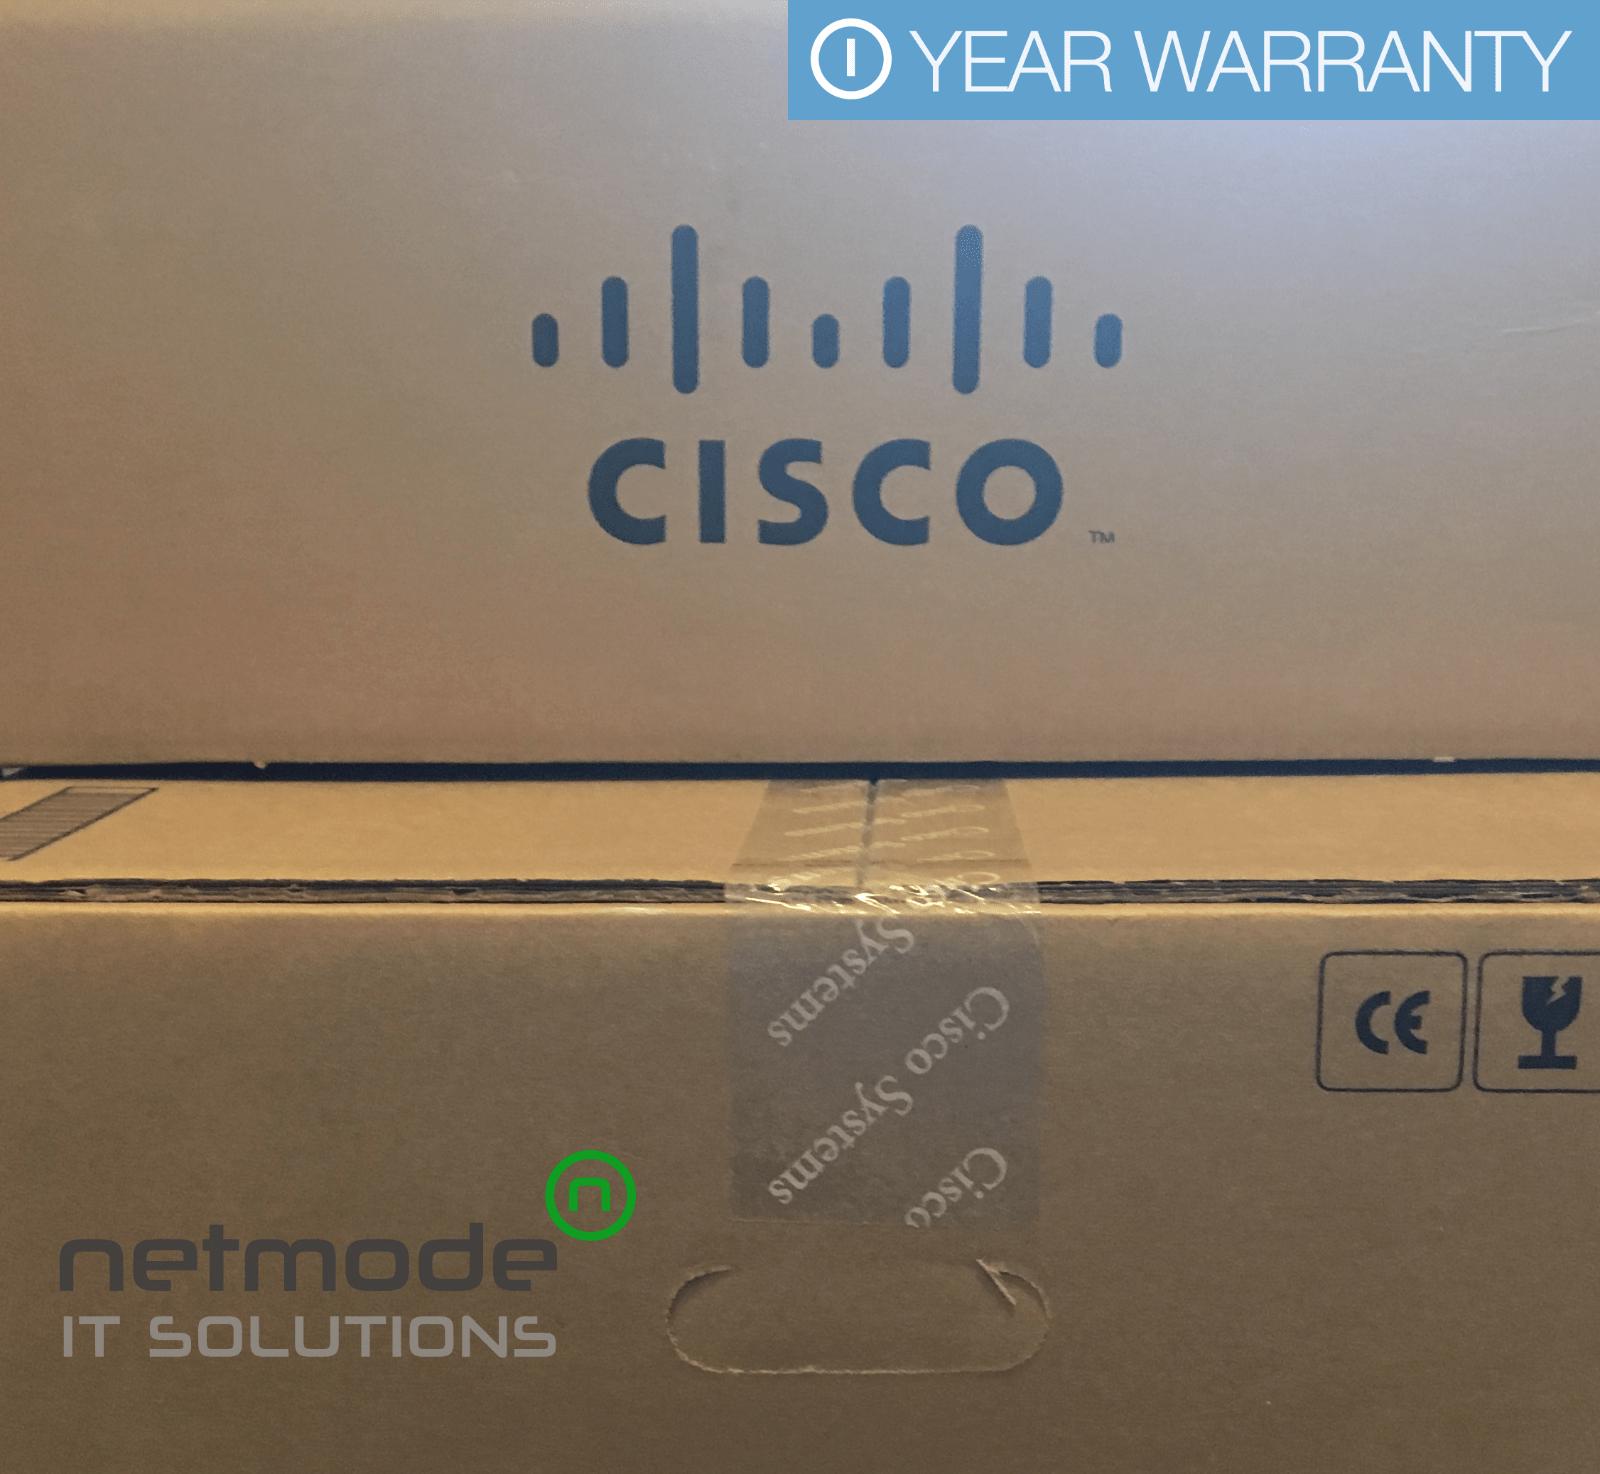 New Cisco Ws C2960s 24ps L 24 Port Gige Poe Switch 370w 2960 S With Lan Base Vs Ip Ac 4x Sfp